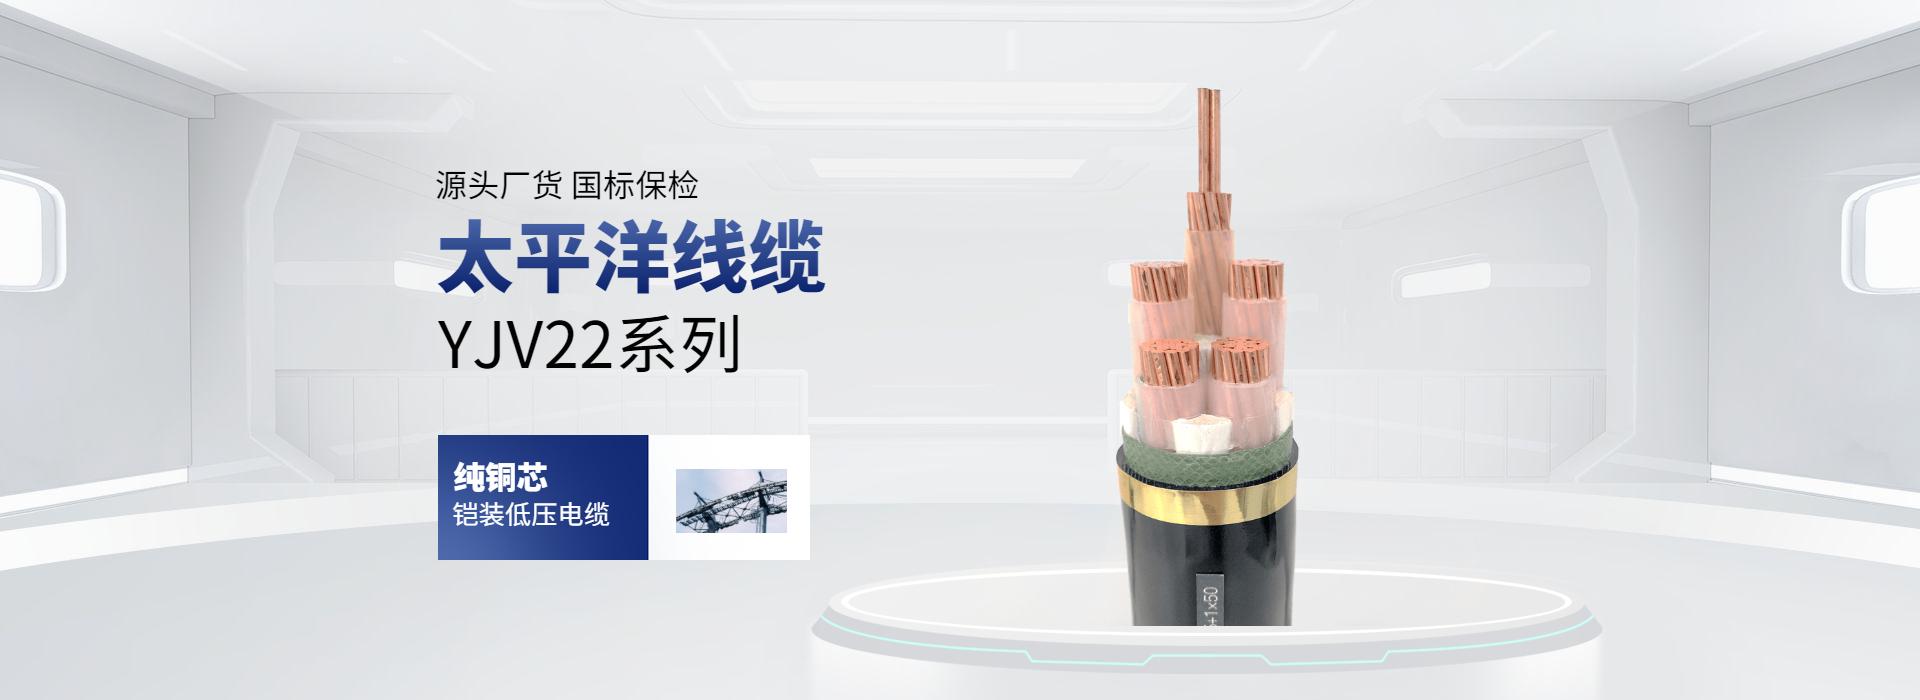 低压电缆yjv22-3*400电缆